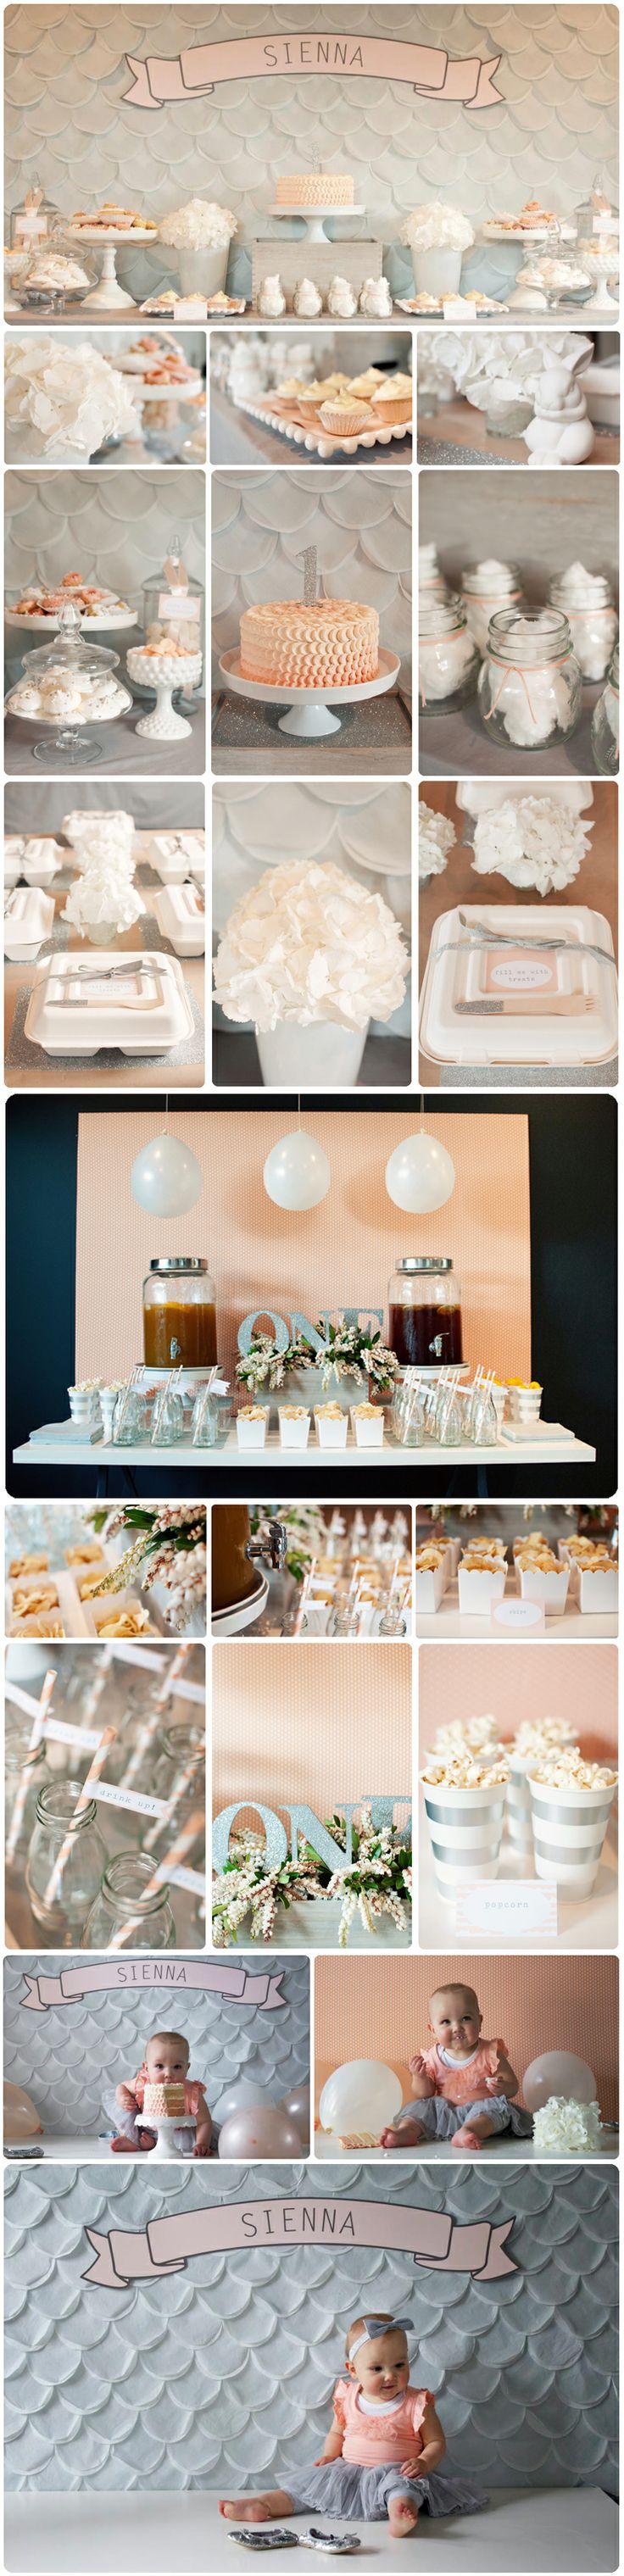 Publix Cake Decorator Job Description : 157 Best images about Claires birthday party on Pinterest ...